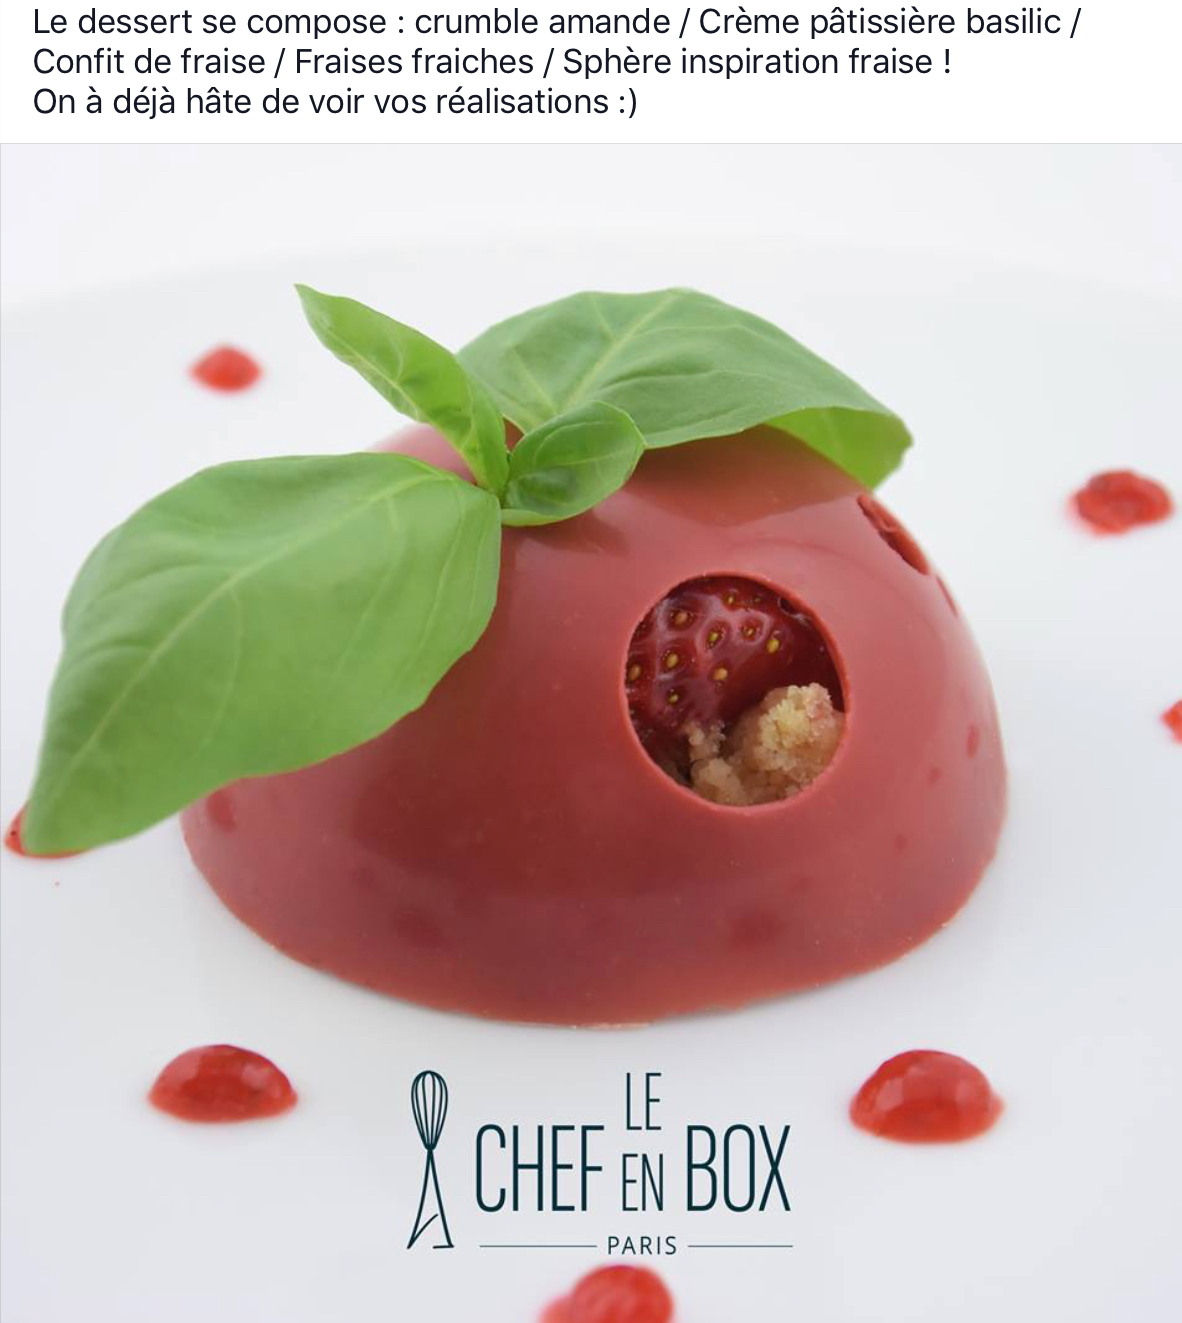 Le Chef en Box (Pâtisserie) - Page 15 E4954f10